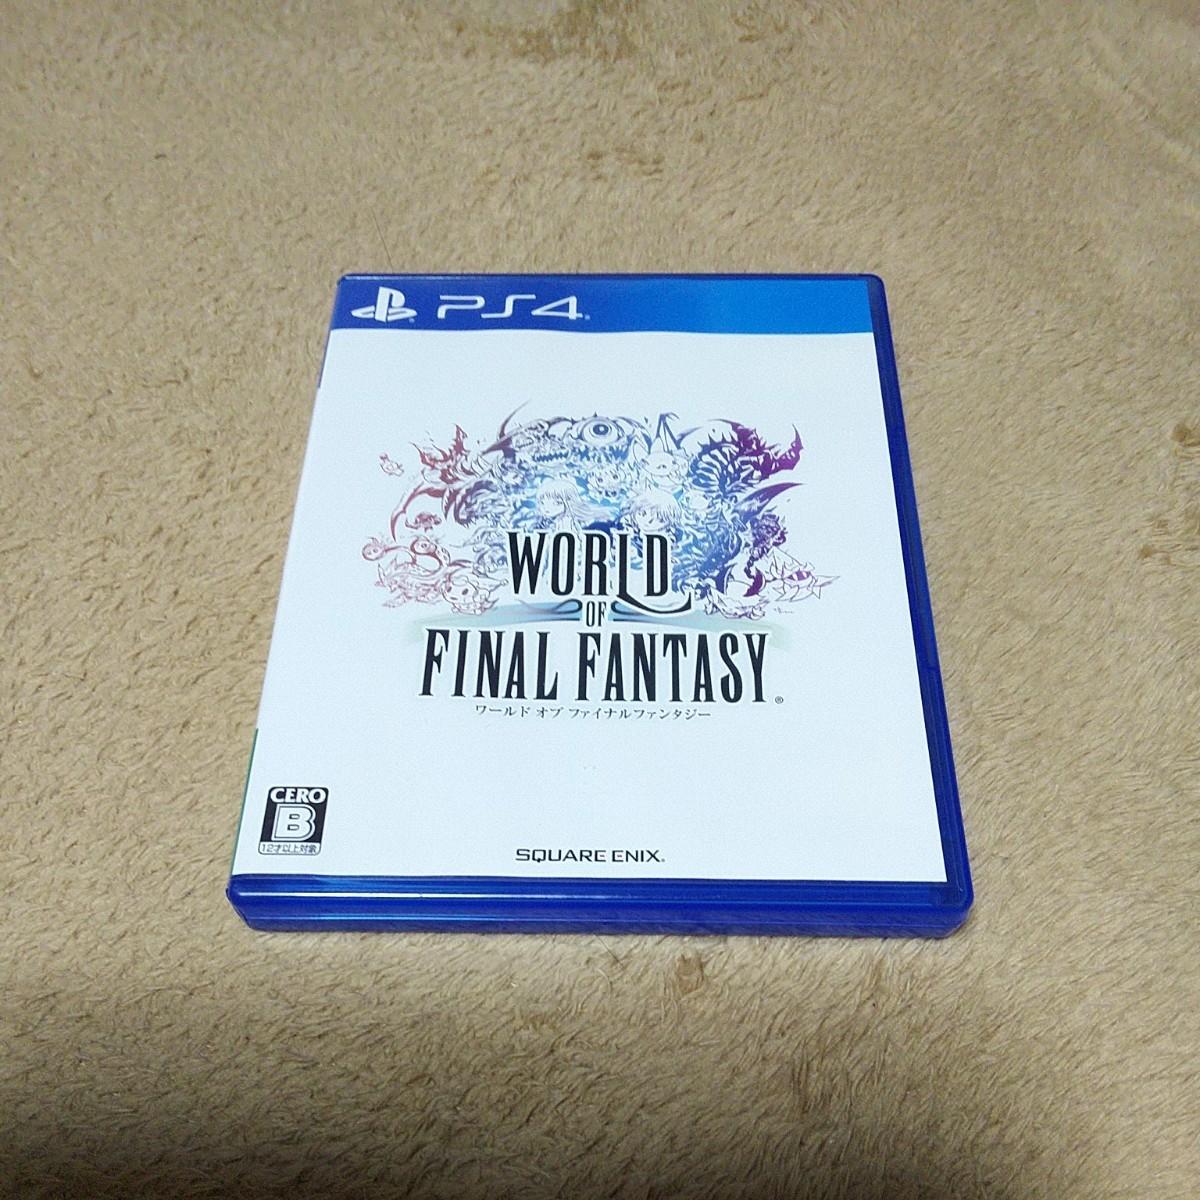 【PS4】 ワールド オブ ファイナルファンタジー